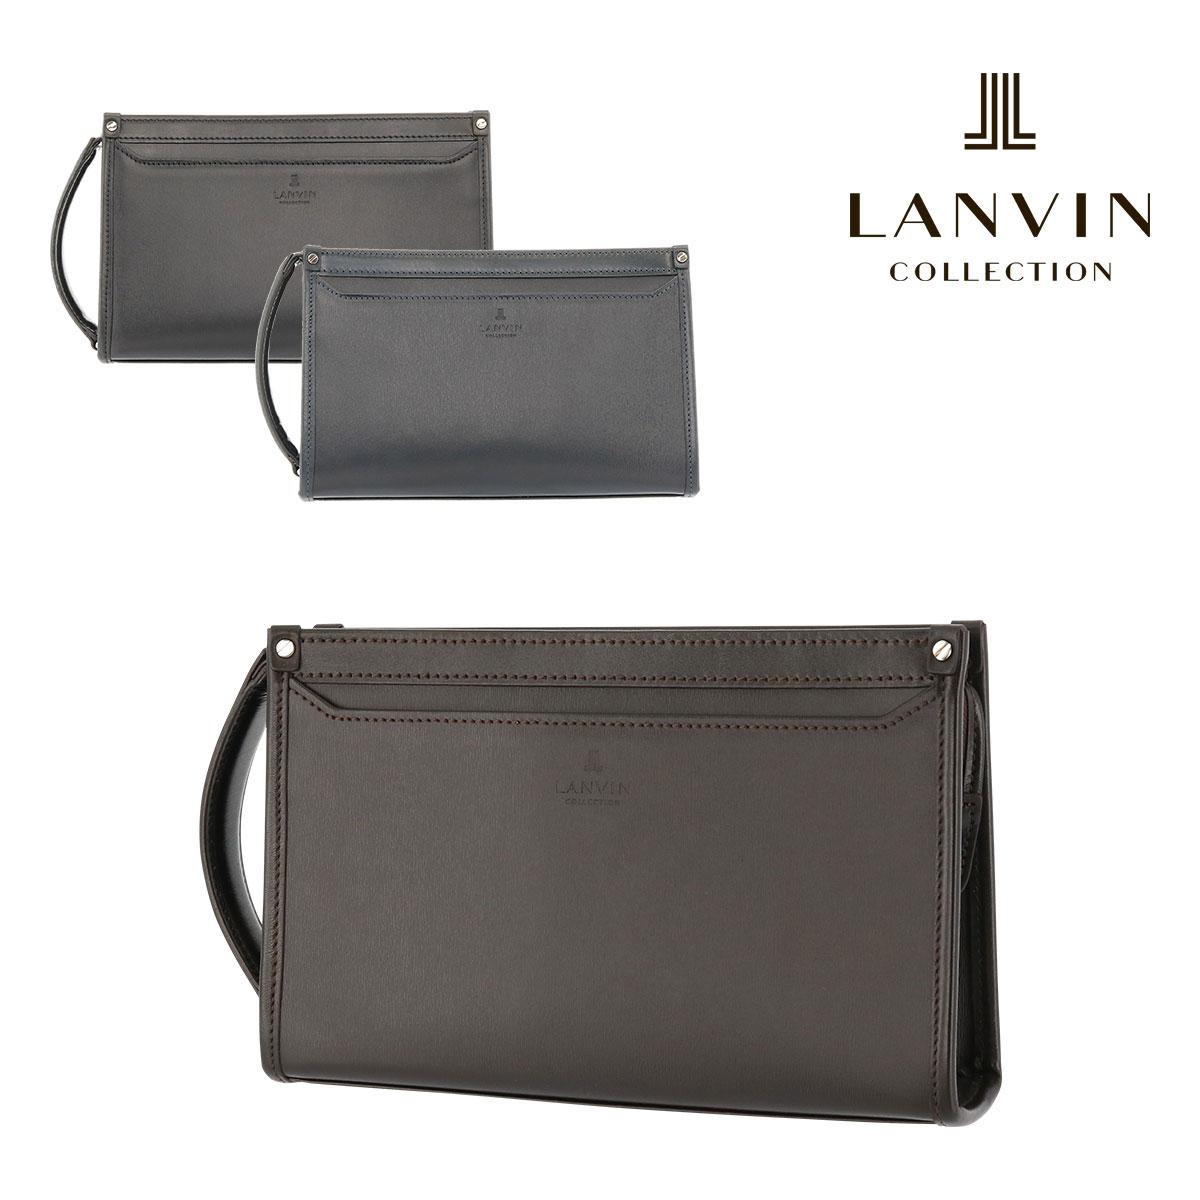 ランバンコレクション セカンドバッグ 24cm メンズ 日本製 フロー 282251 | LANVIN COLLECTION 持ち手付き 牛革 本革 レザー[PO5][bef]